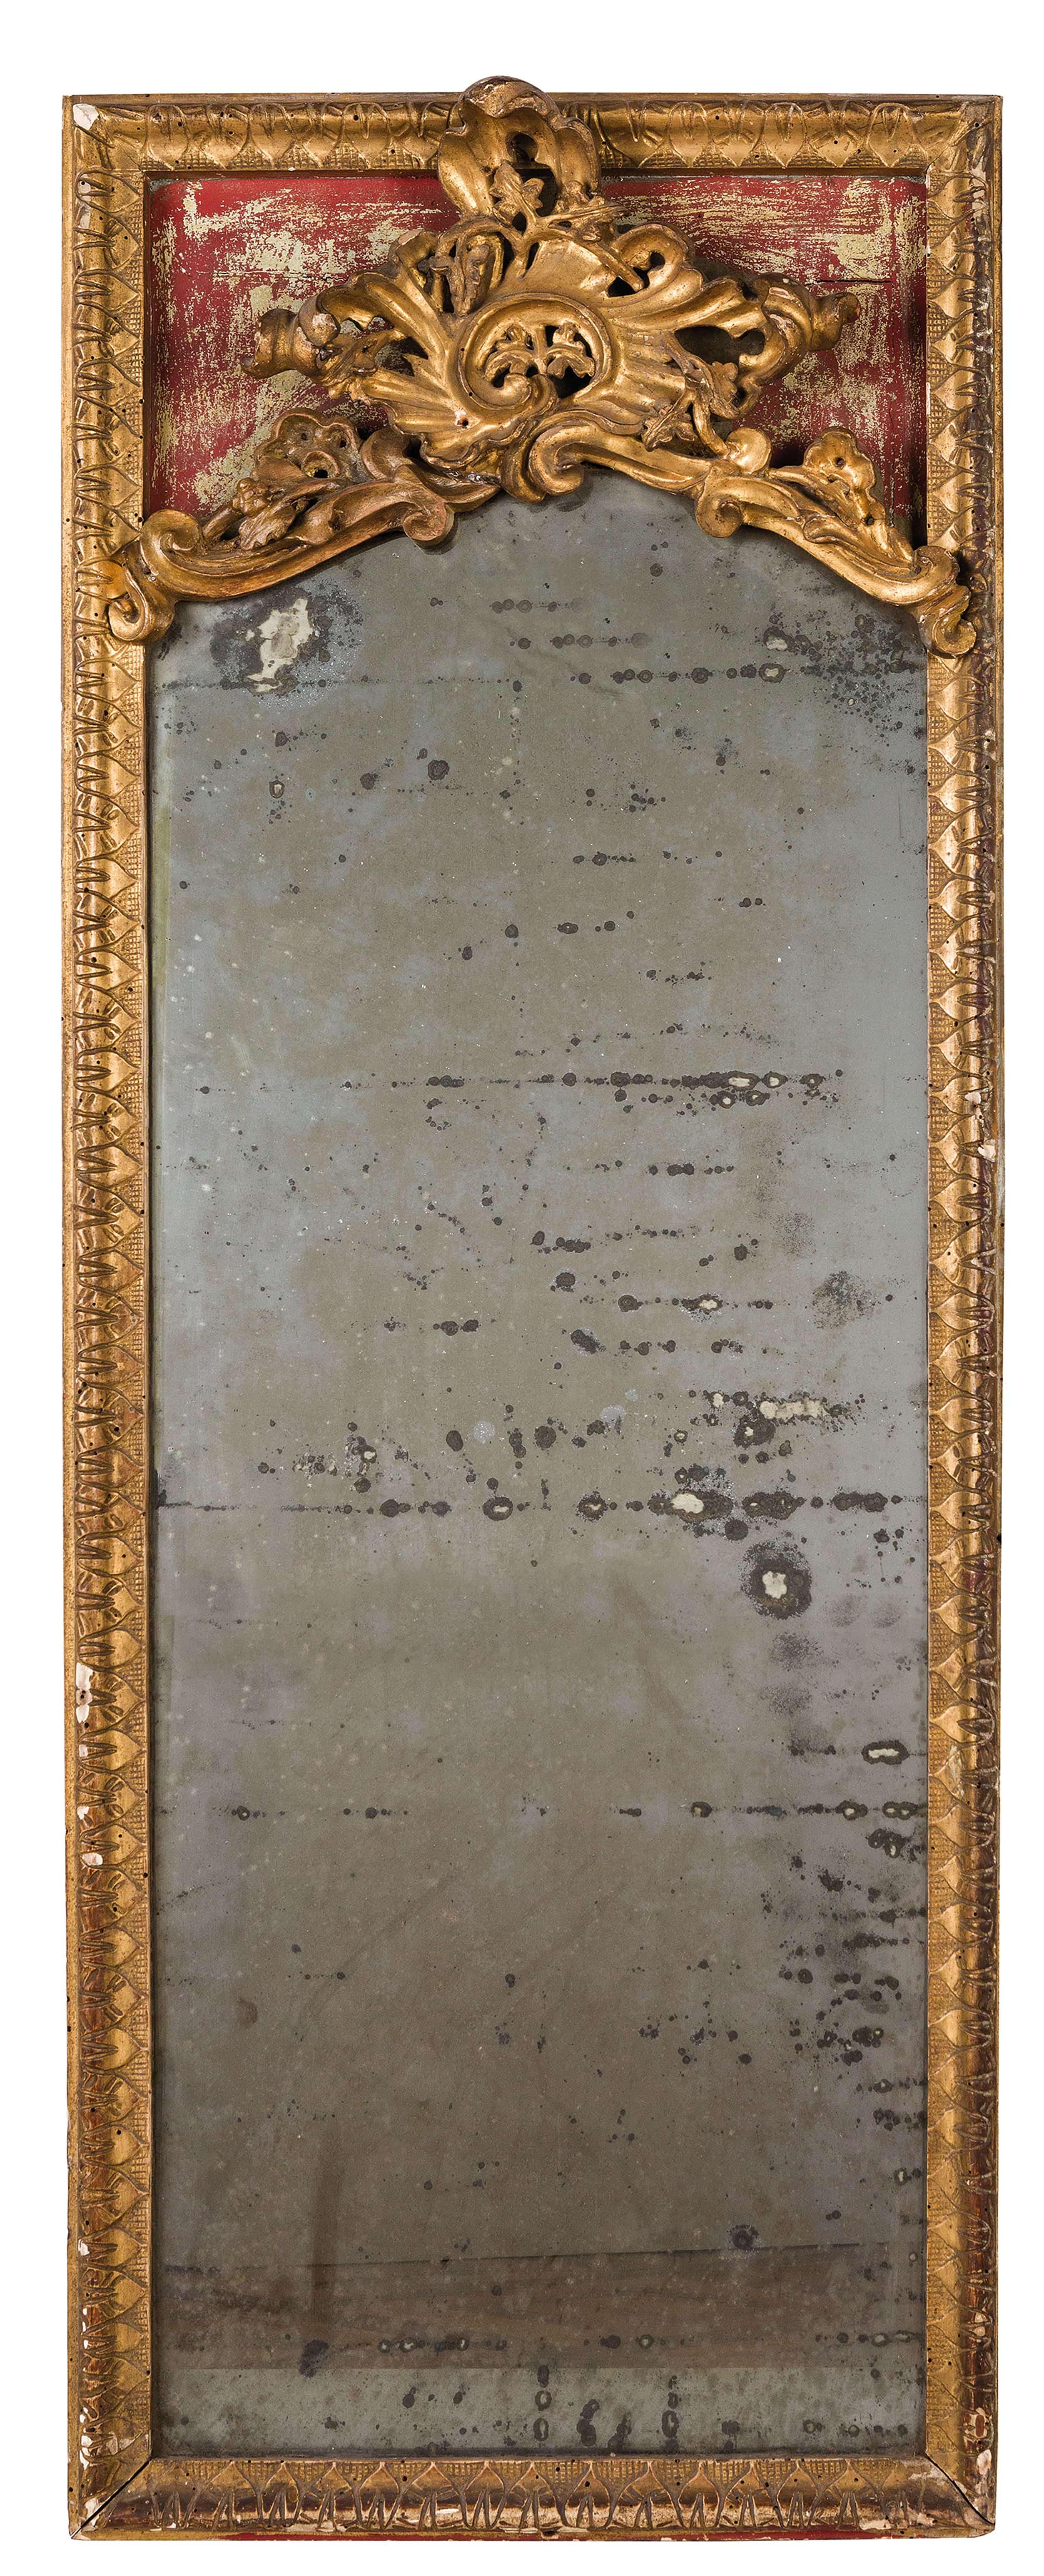 Lot 161 - COPPIA DI SPECCHIERE IN LEGNO LACCATO E DORATO, XVIII-XIX SECOLO